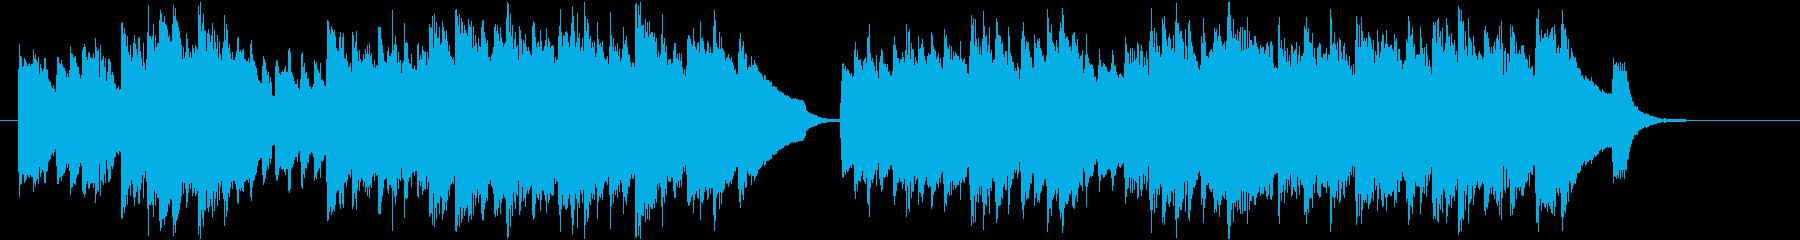 優雅なチェンバロのバロック風ジングルの再生済みの波形